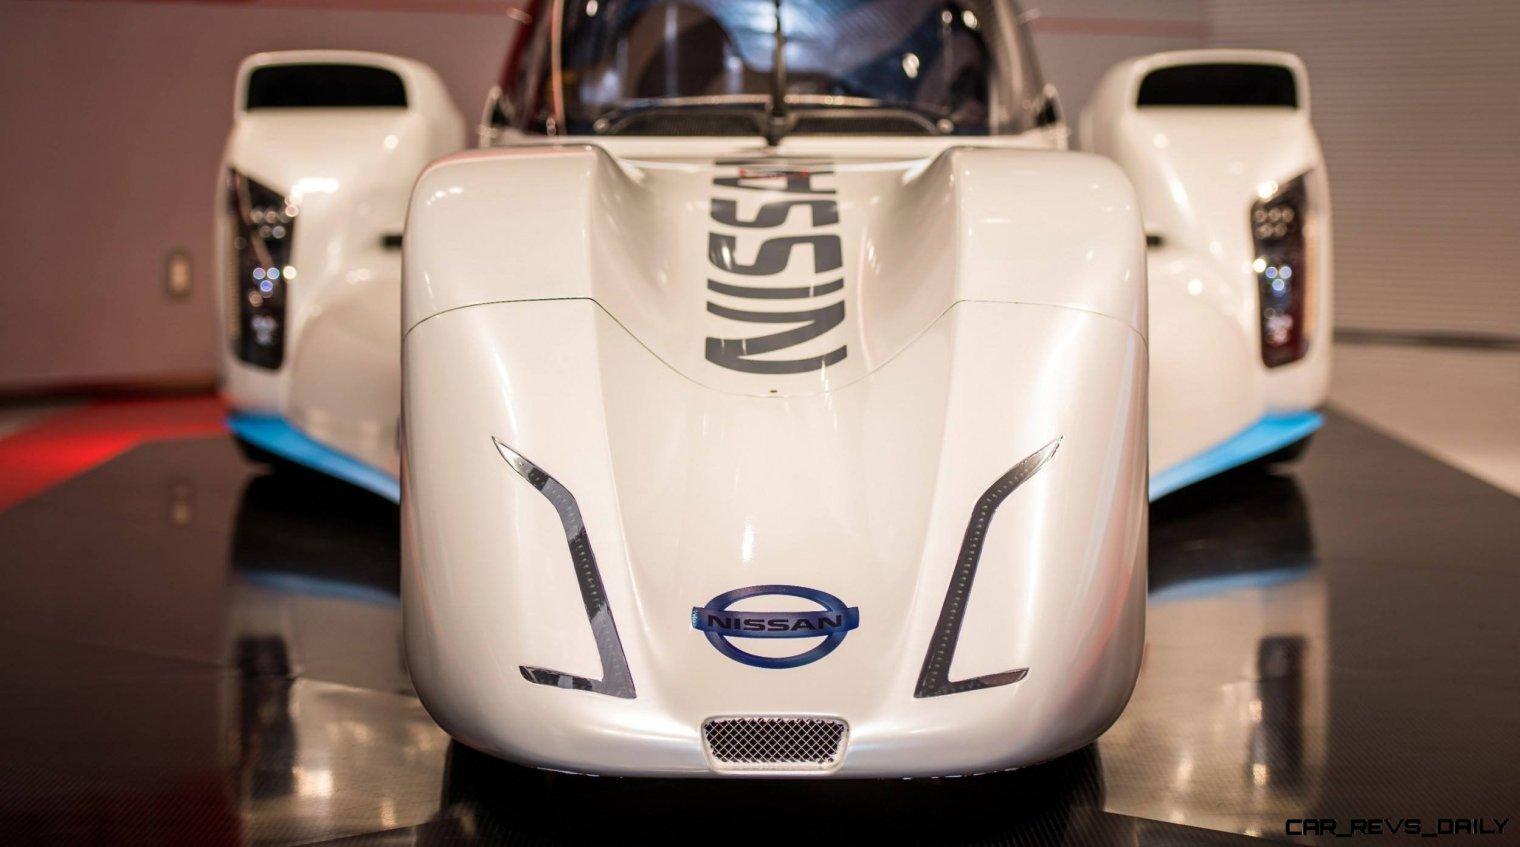 Nissan_ZEODRC_Nismo_launch_1